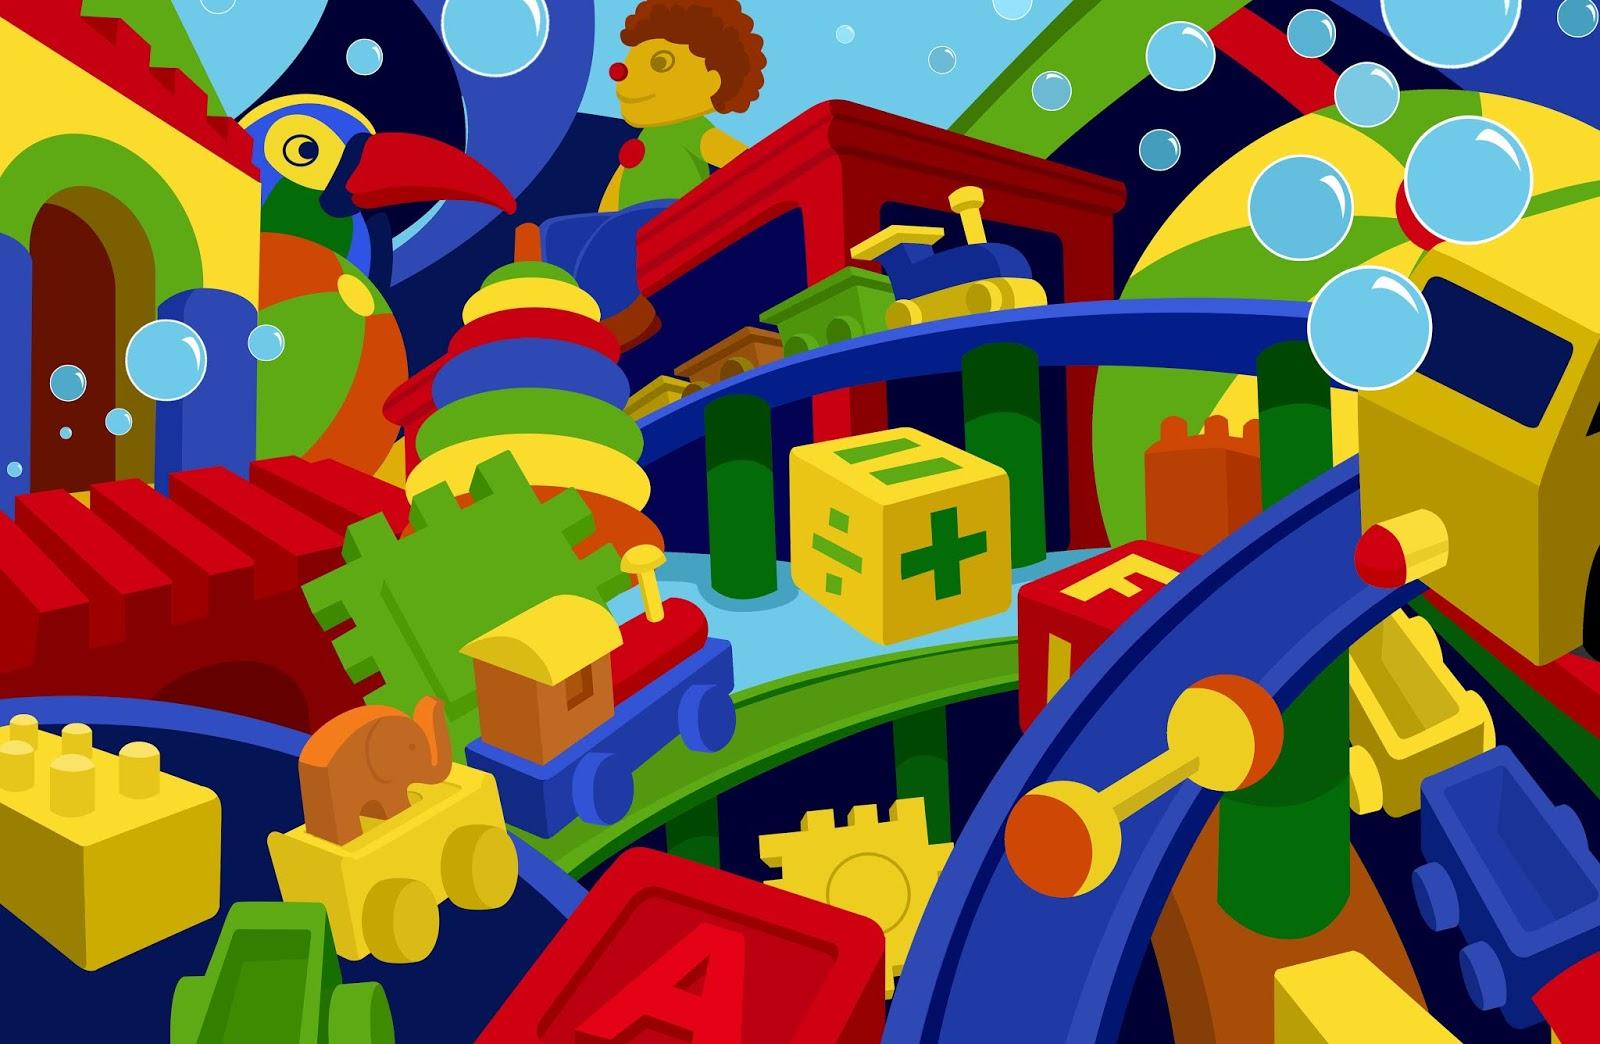 رسومات مذهلة للأطفال, صور, Drawings For Kids,